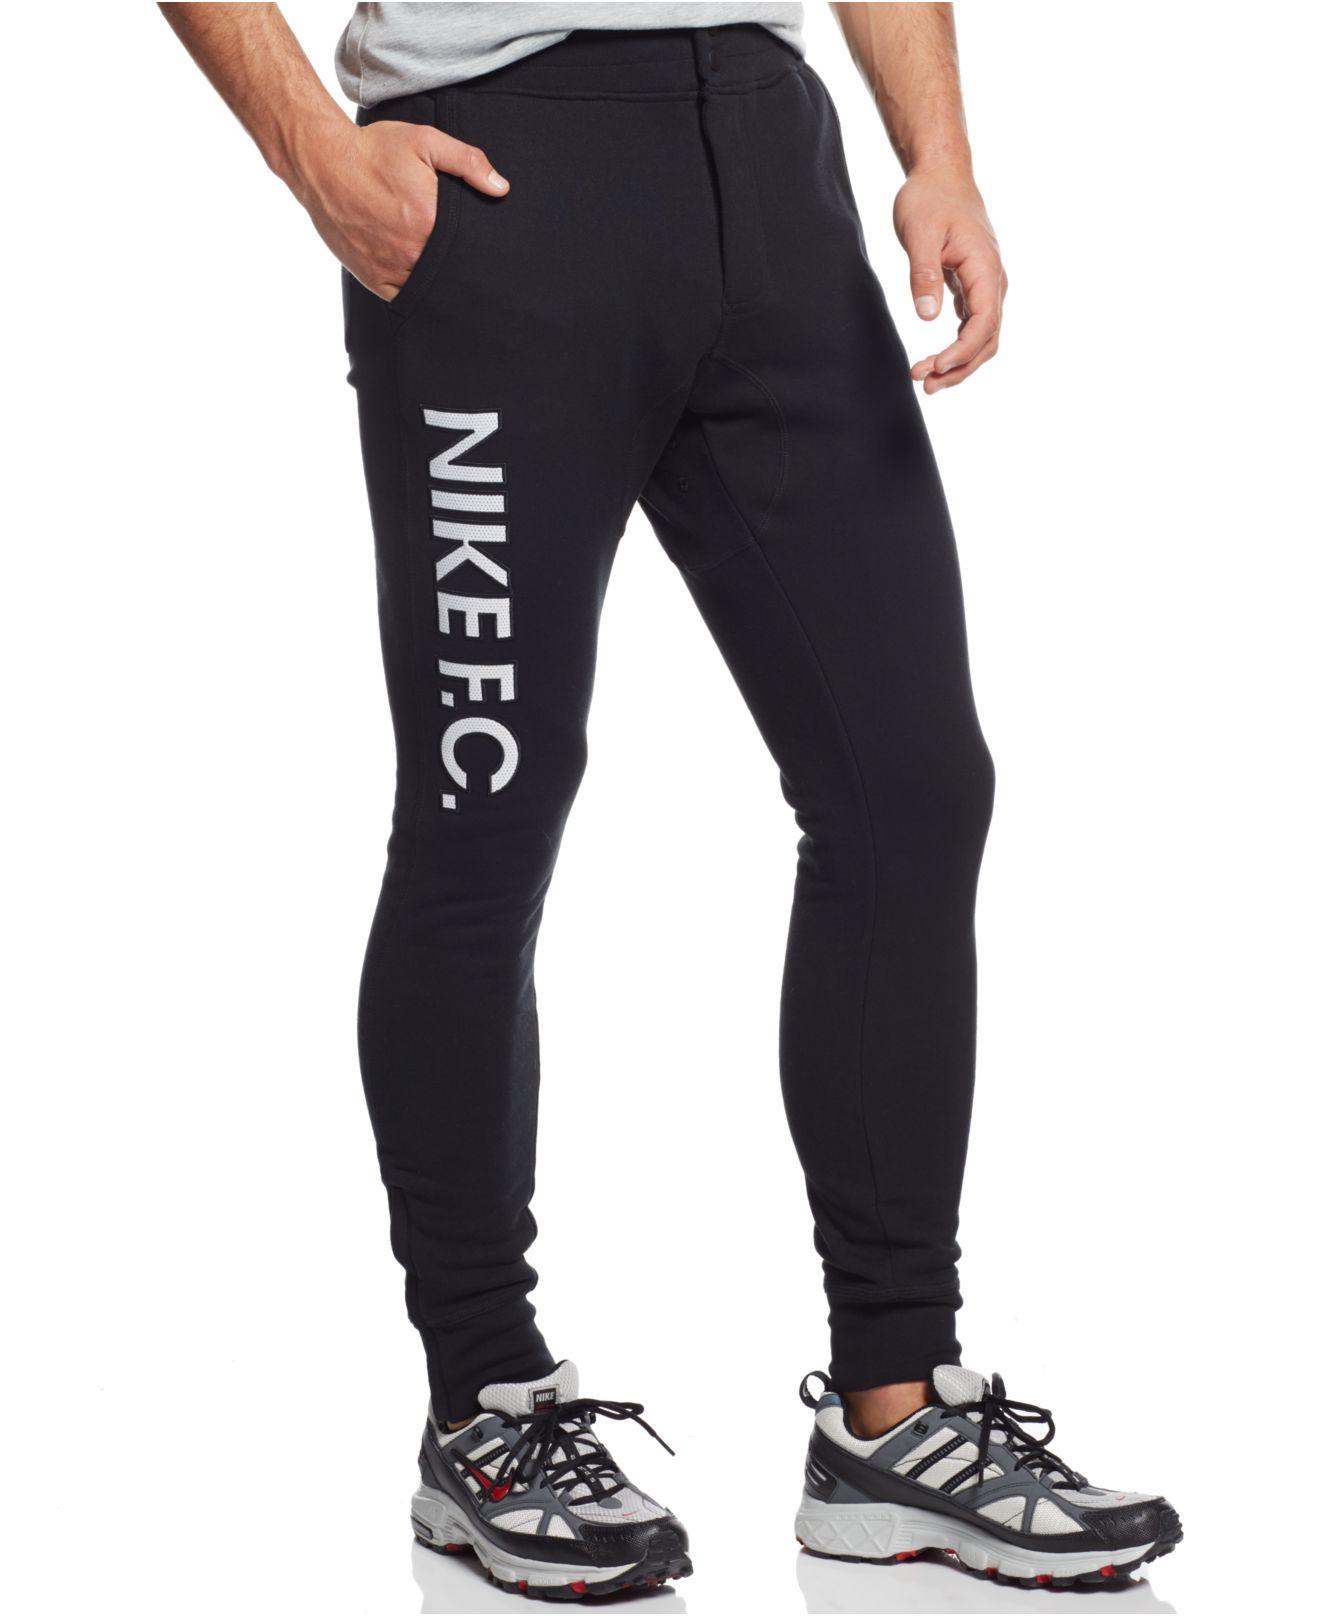 nike f.c. pants (black)